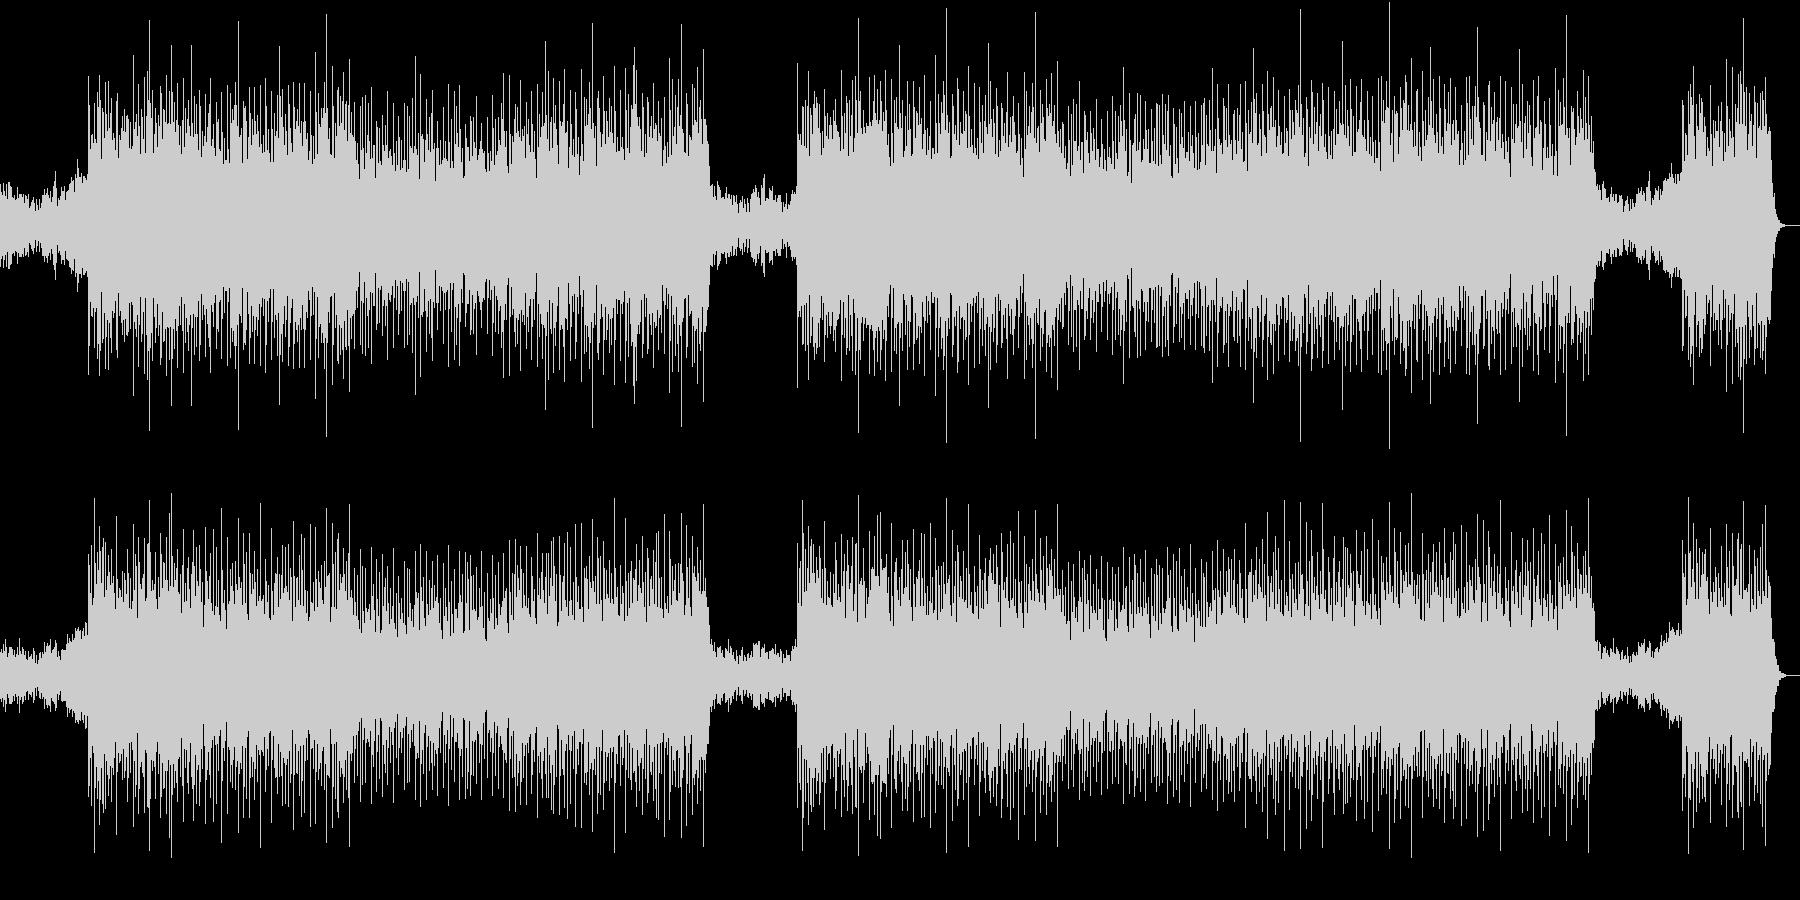 ヒップホップ系音楽の未再生の波形